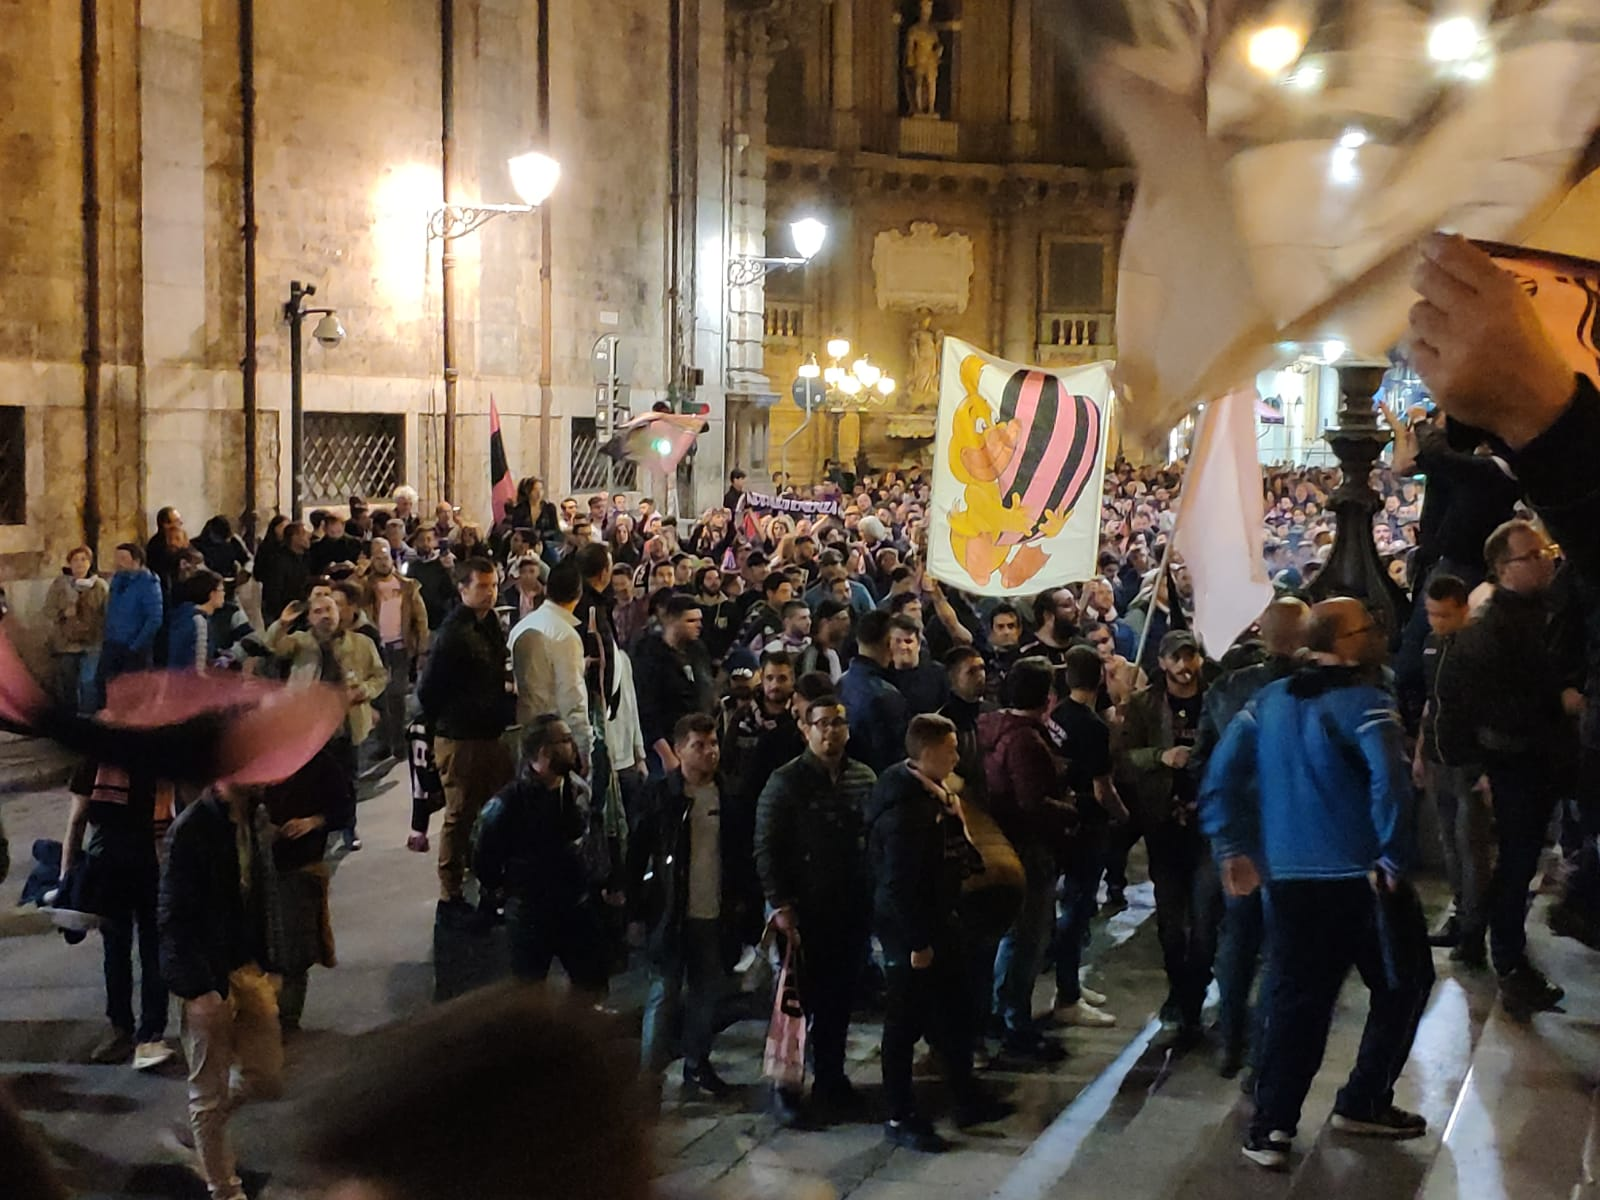 Da tifoso che ha vissuto il Settembre nero del 1986 e che rivive, dopo anni di ebbrezza, il dramma sportivo di una retrocessione a colpi di carta bollata, mi sono imposto in questi giorni un attonito silenzio denso di dispiacere, di disinganno, di rancore. Quanto ribrezzo per una sentenza ingiusta che punisce due squadre e i loro tifosi mentre, ora come allora, avvoltoi famelici volteggiano sul cadavere del Palermo. Ma sarebbe scontato ripetere le obiezioni di cui sono pieni giornali e siti locali sul contrasto tra i giudizi della magistratura ordinaria e di quella sportiva, sul palese fallimento della Covisoc,